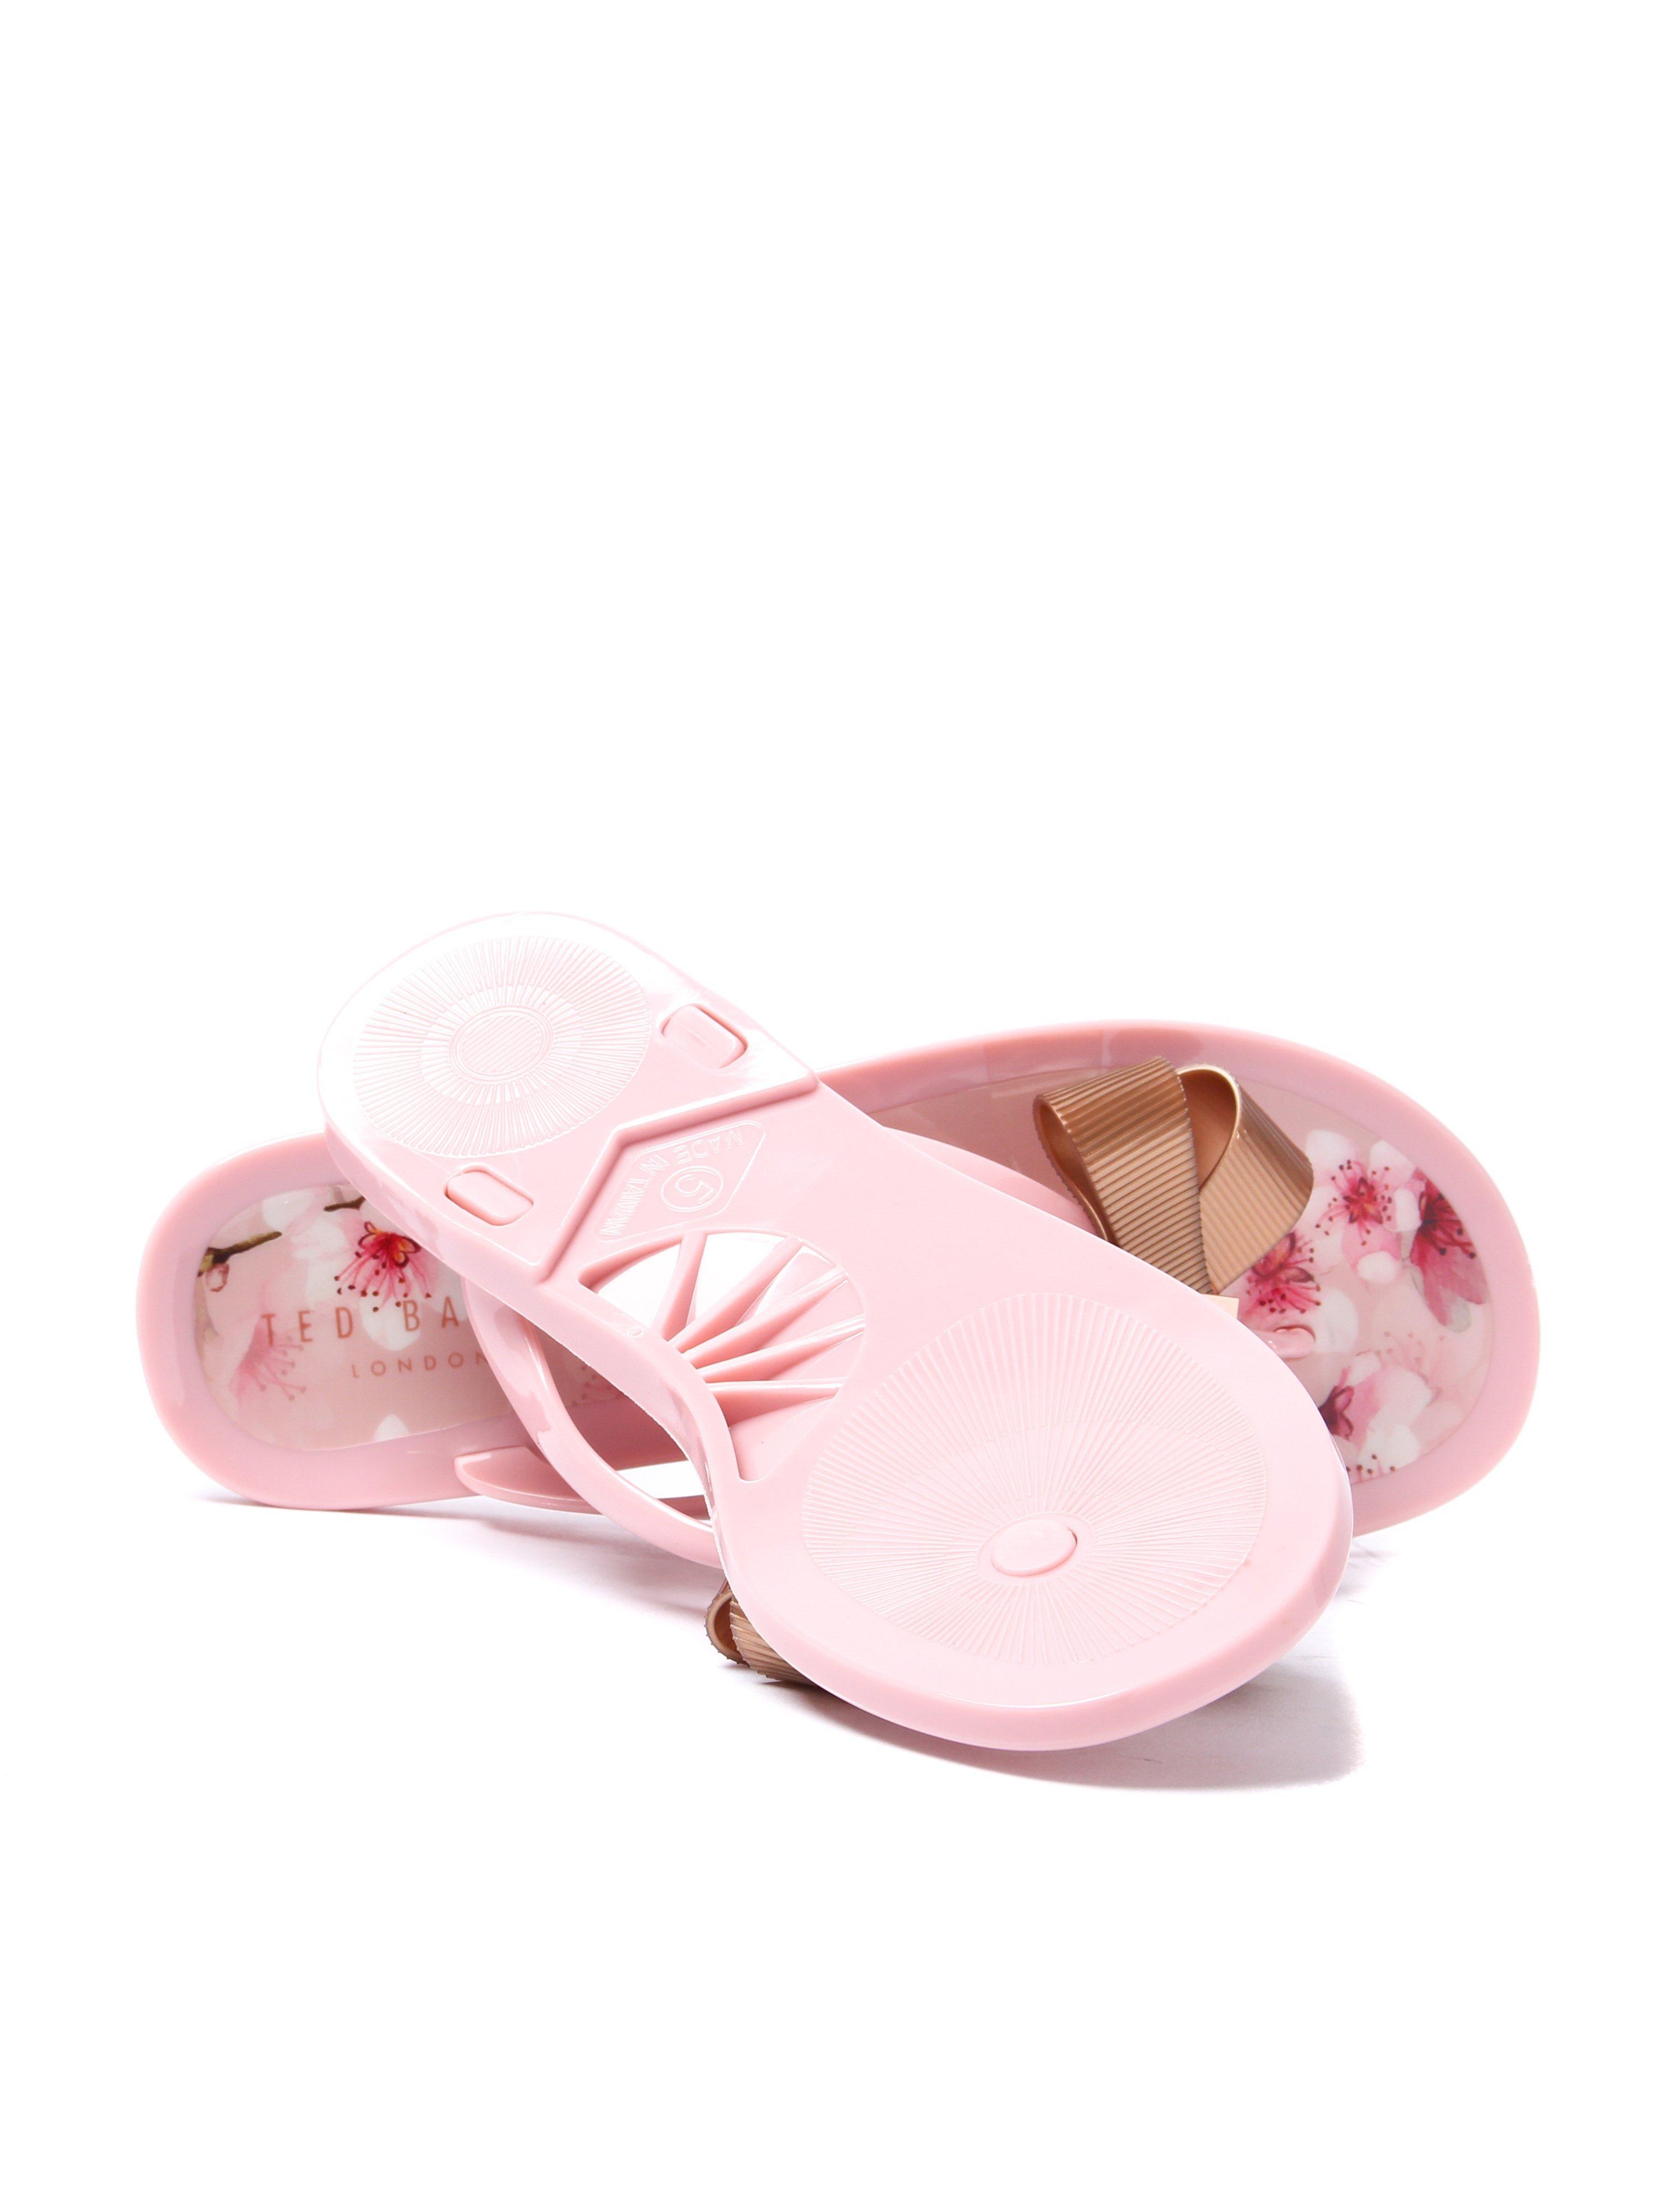 Ted Baker Women's Susziep Flip-Flops - Blossom Pink